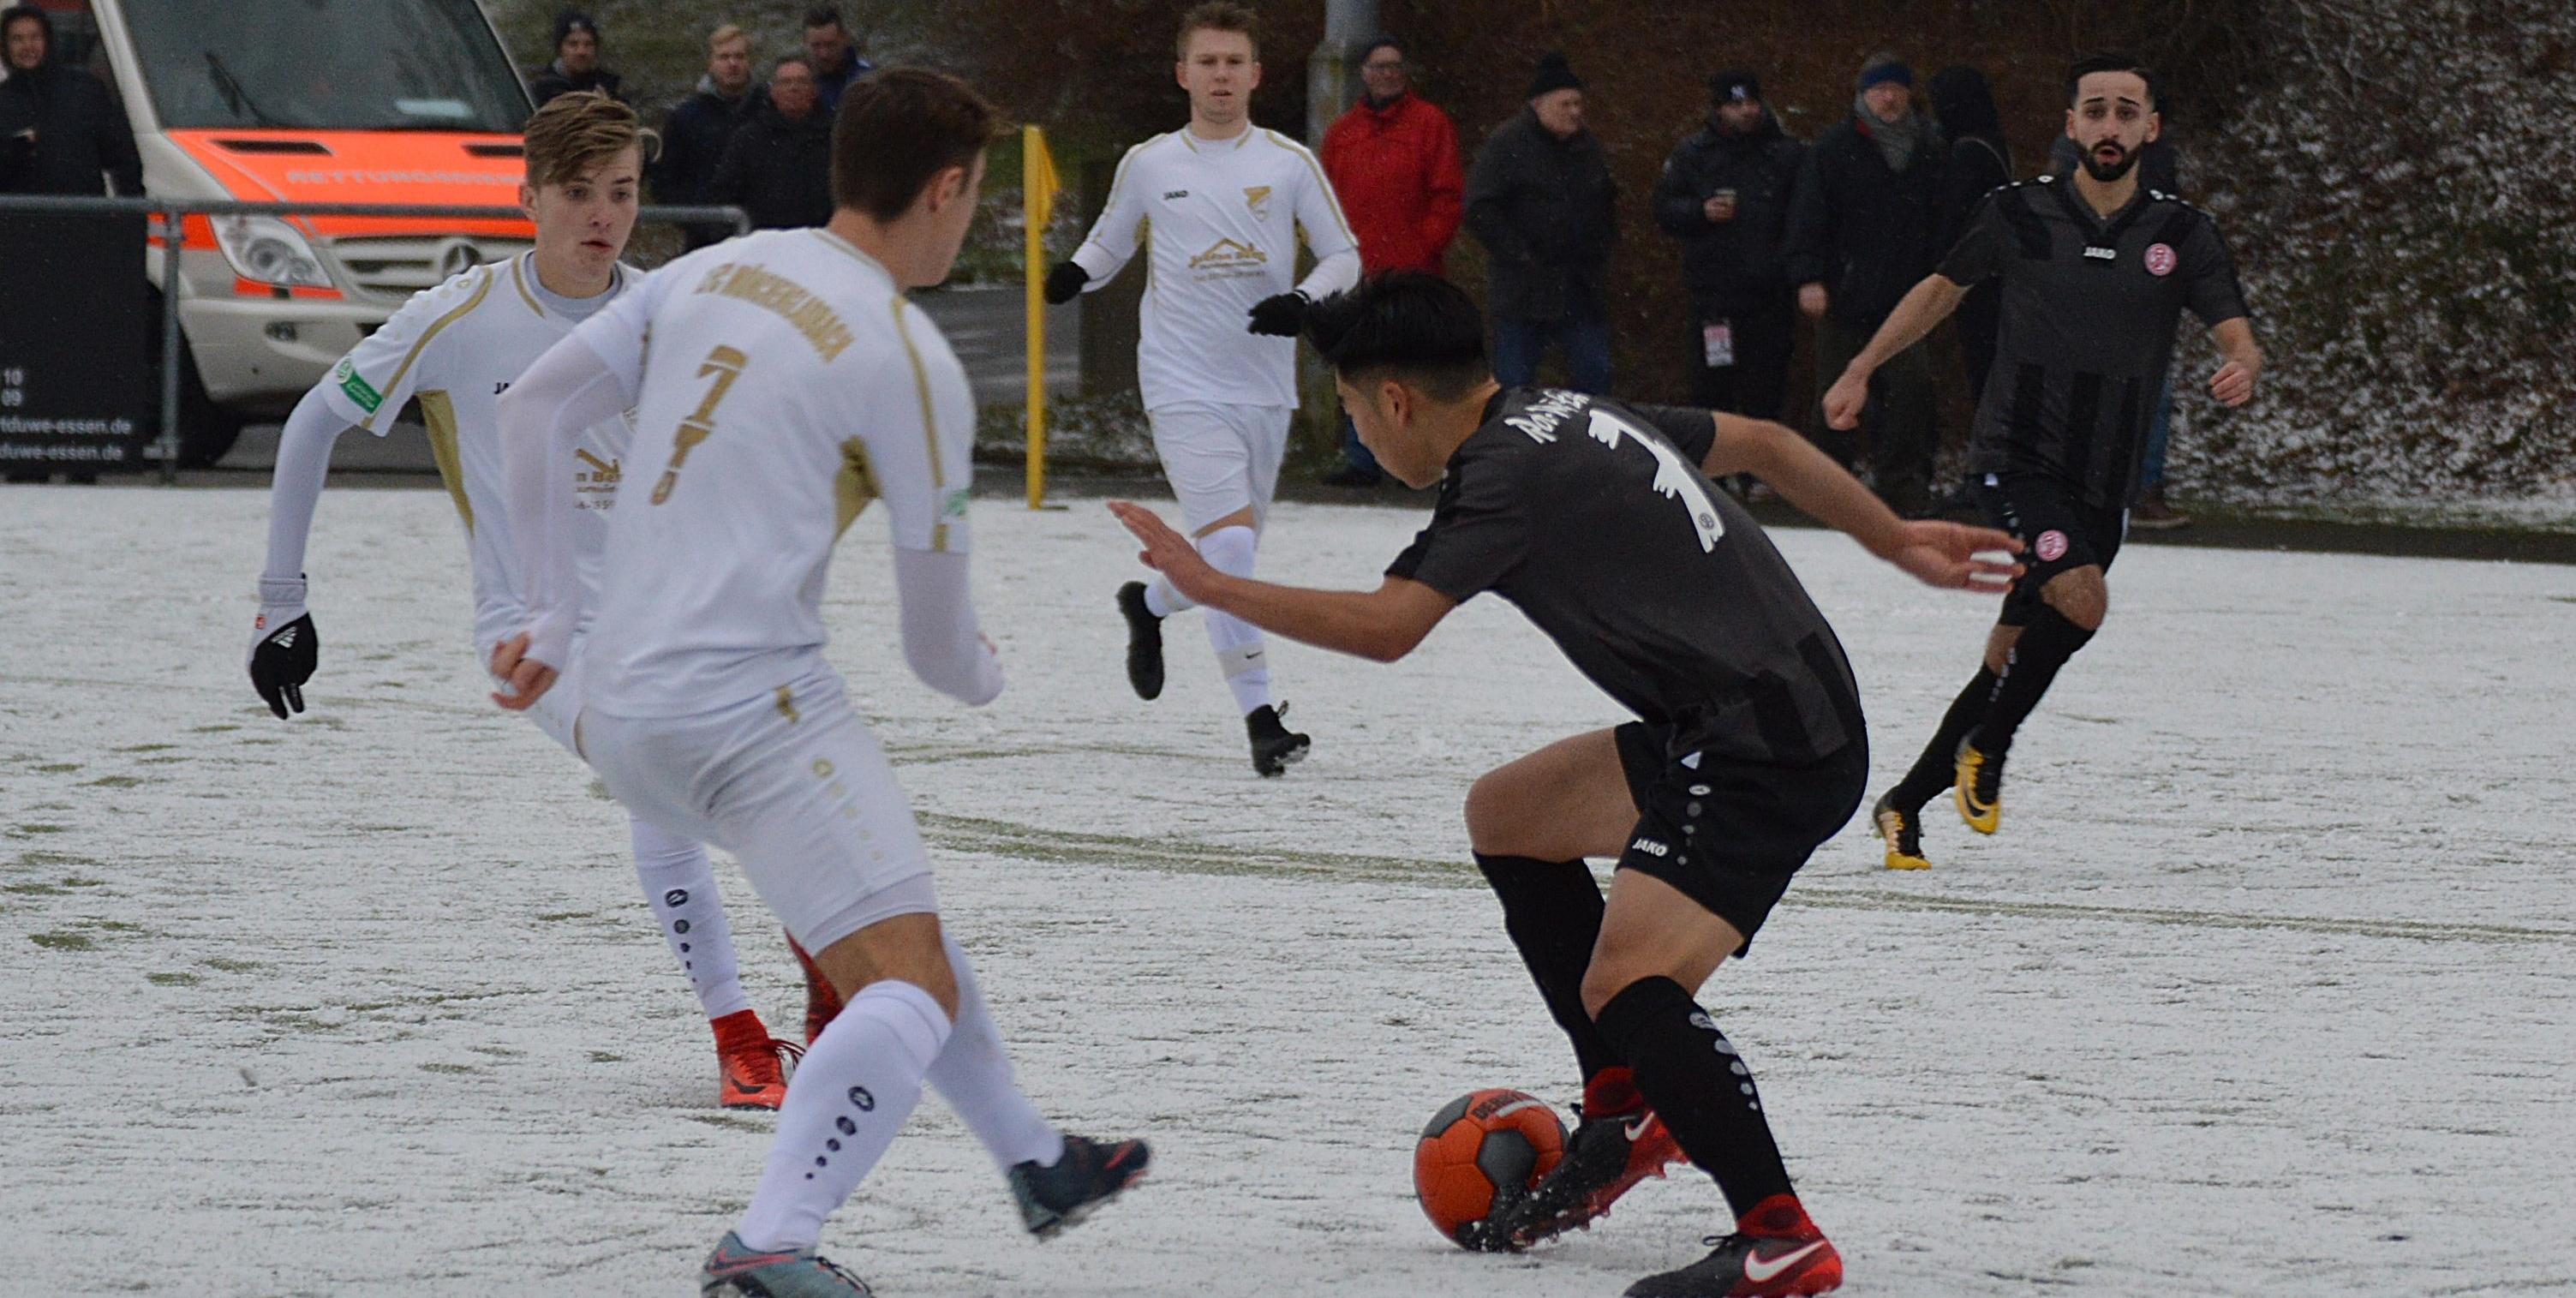 Die rot-weisse U19 konnte das Spitzenspiel gegen den 1.FC Mönchengladbach in letzter Minute drehen und mit 2:1 gewinnen. (Foto: Skuppin)